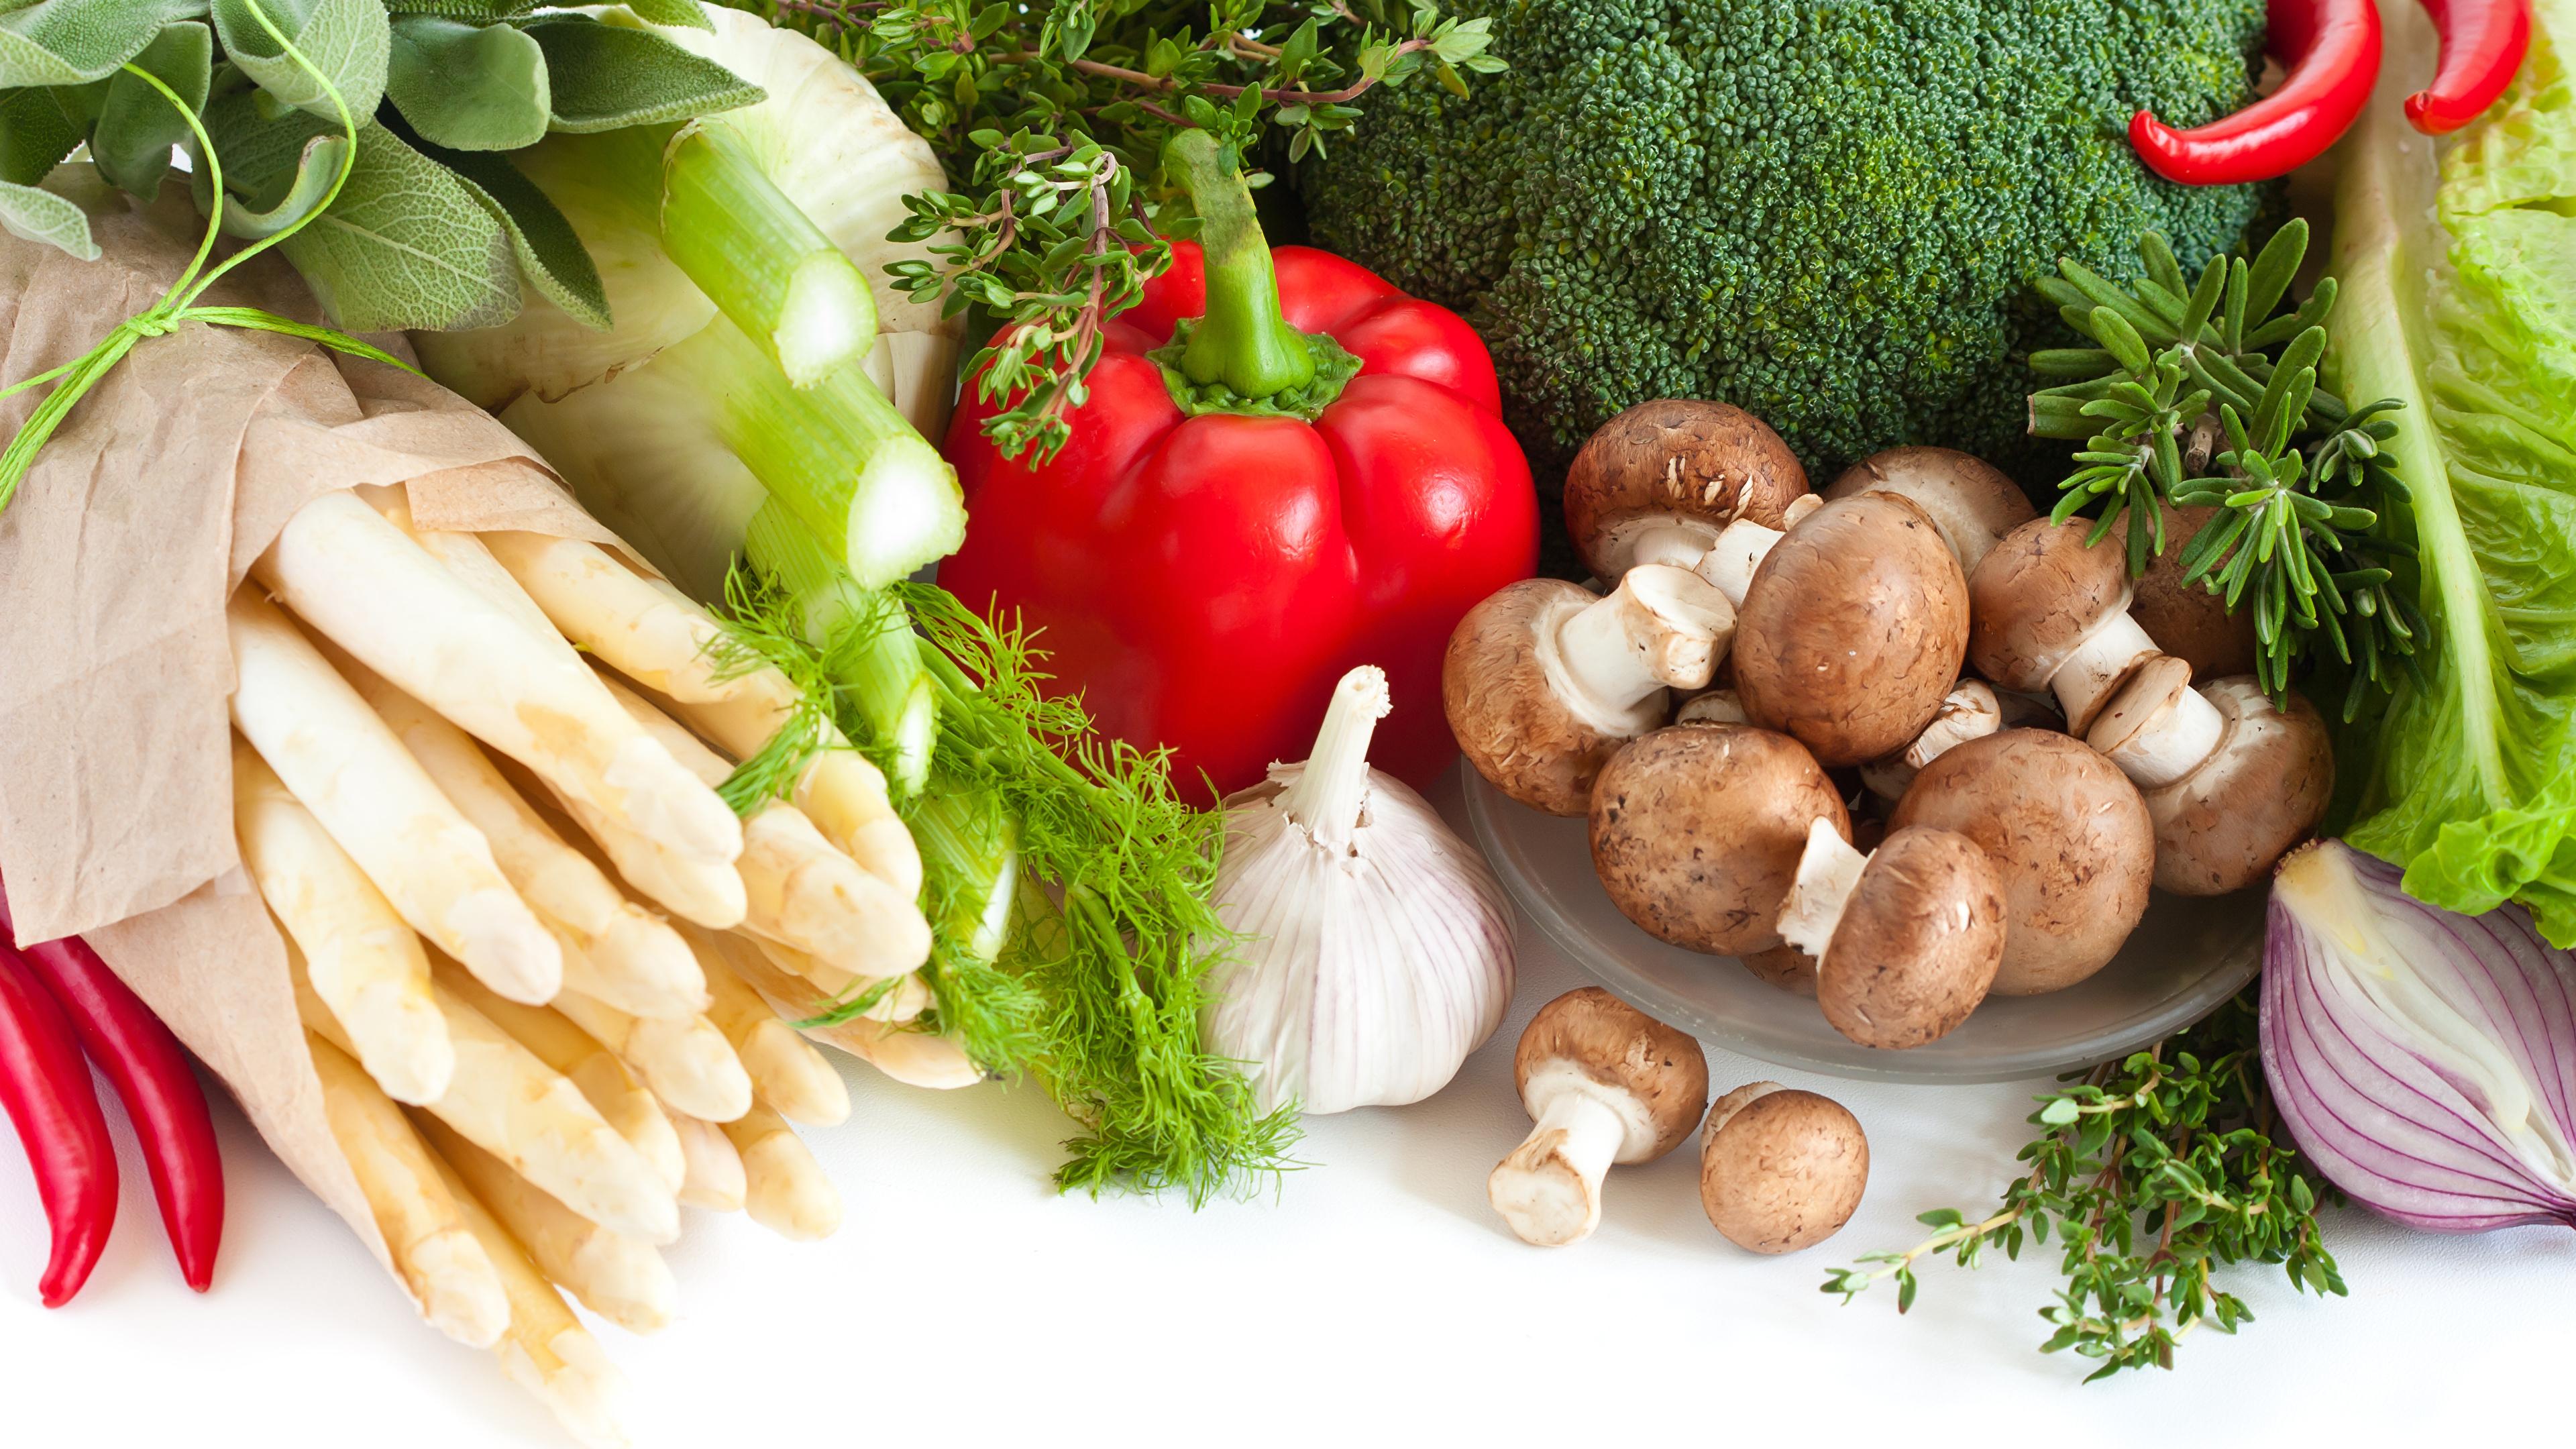 Фотография Еда Грибы Чеснок Овощи белом фоне перец овощной Шампиньоны двуспоровые 3840x2160 Пища Продукты питания Перец Белый фон белым фоном